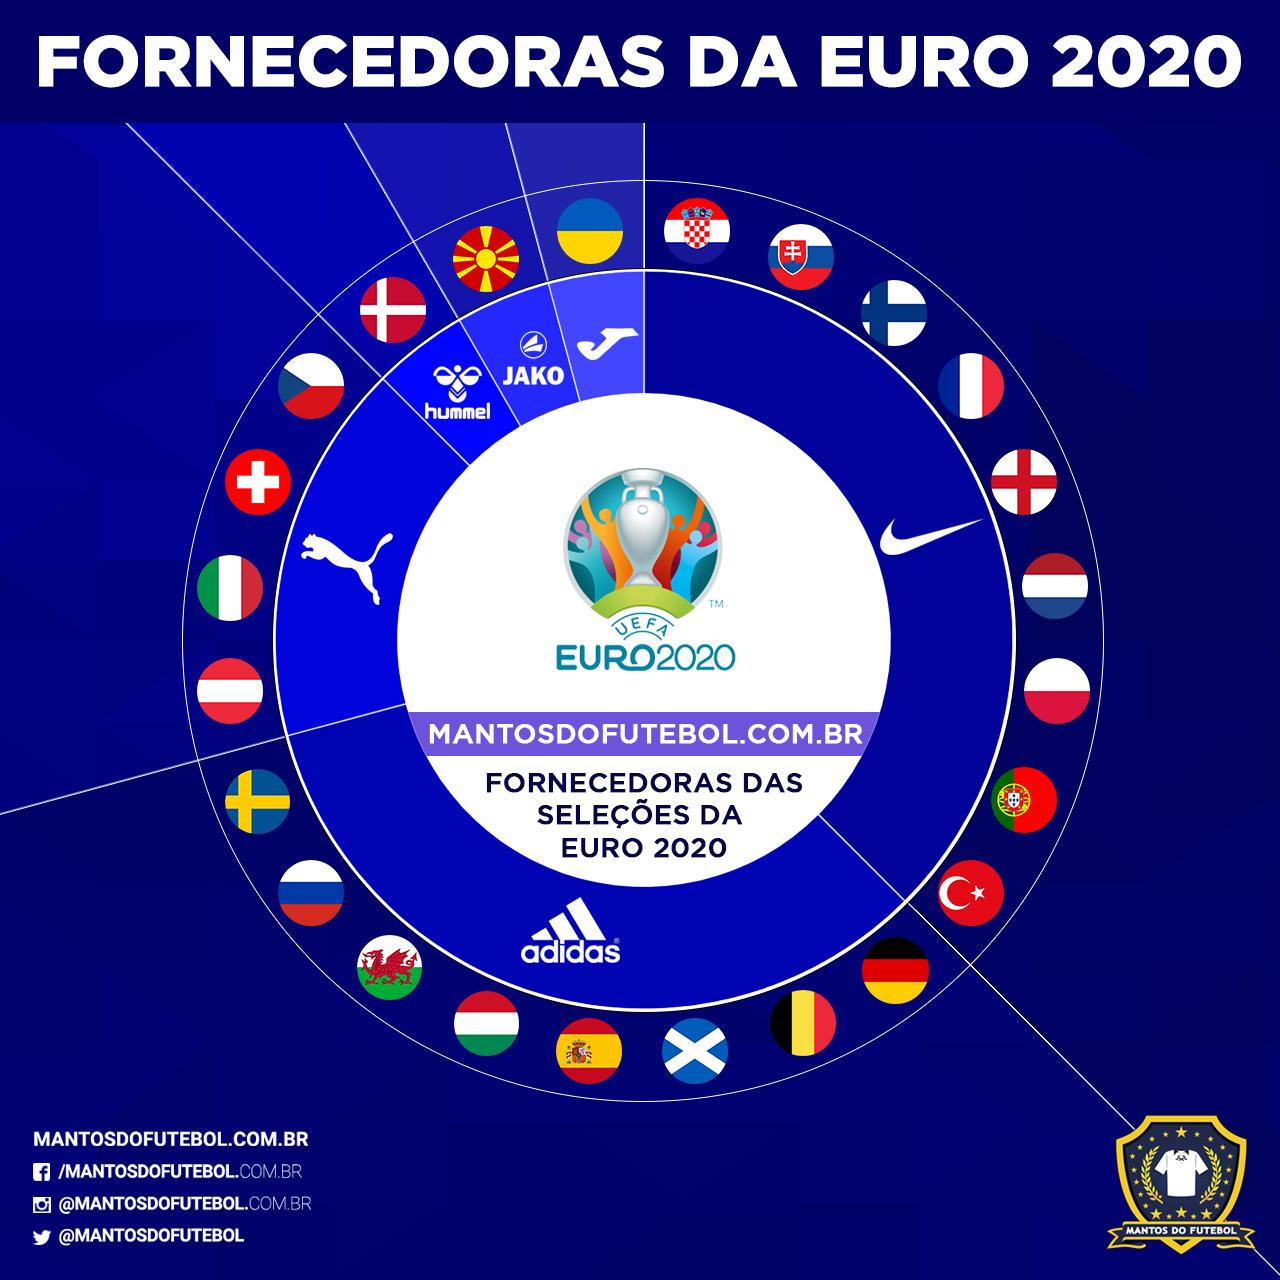 Fornecedoras Euro 2020